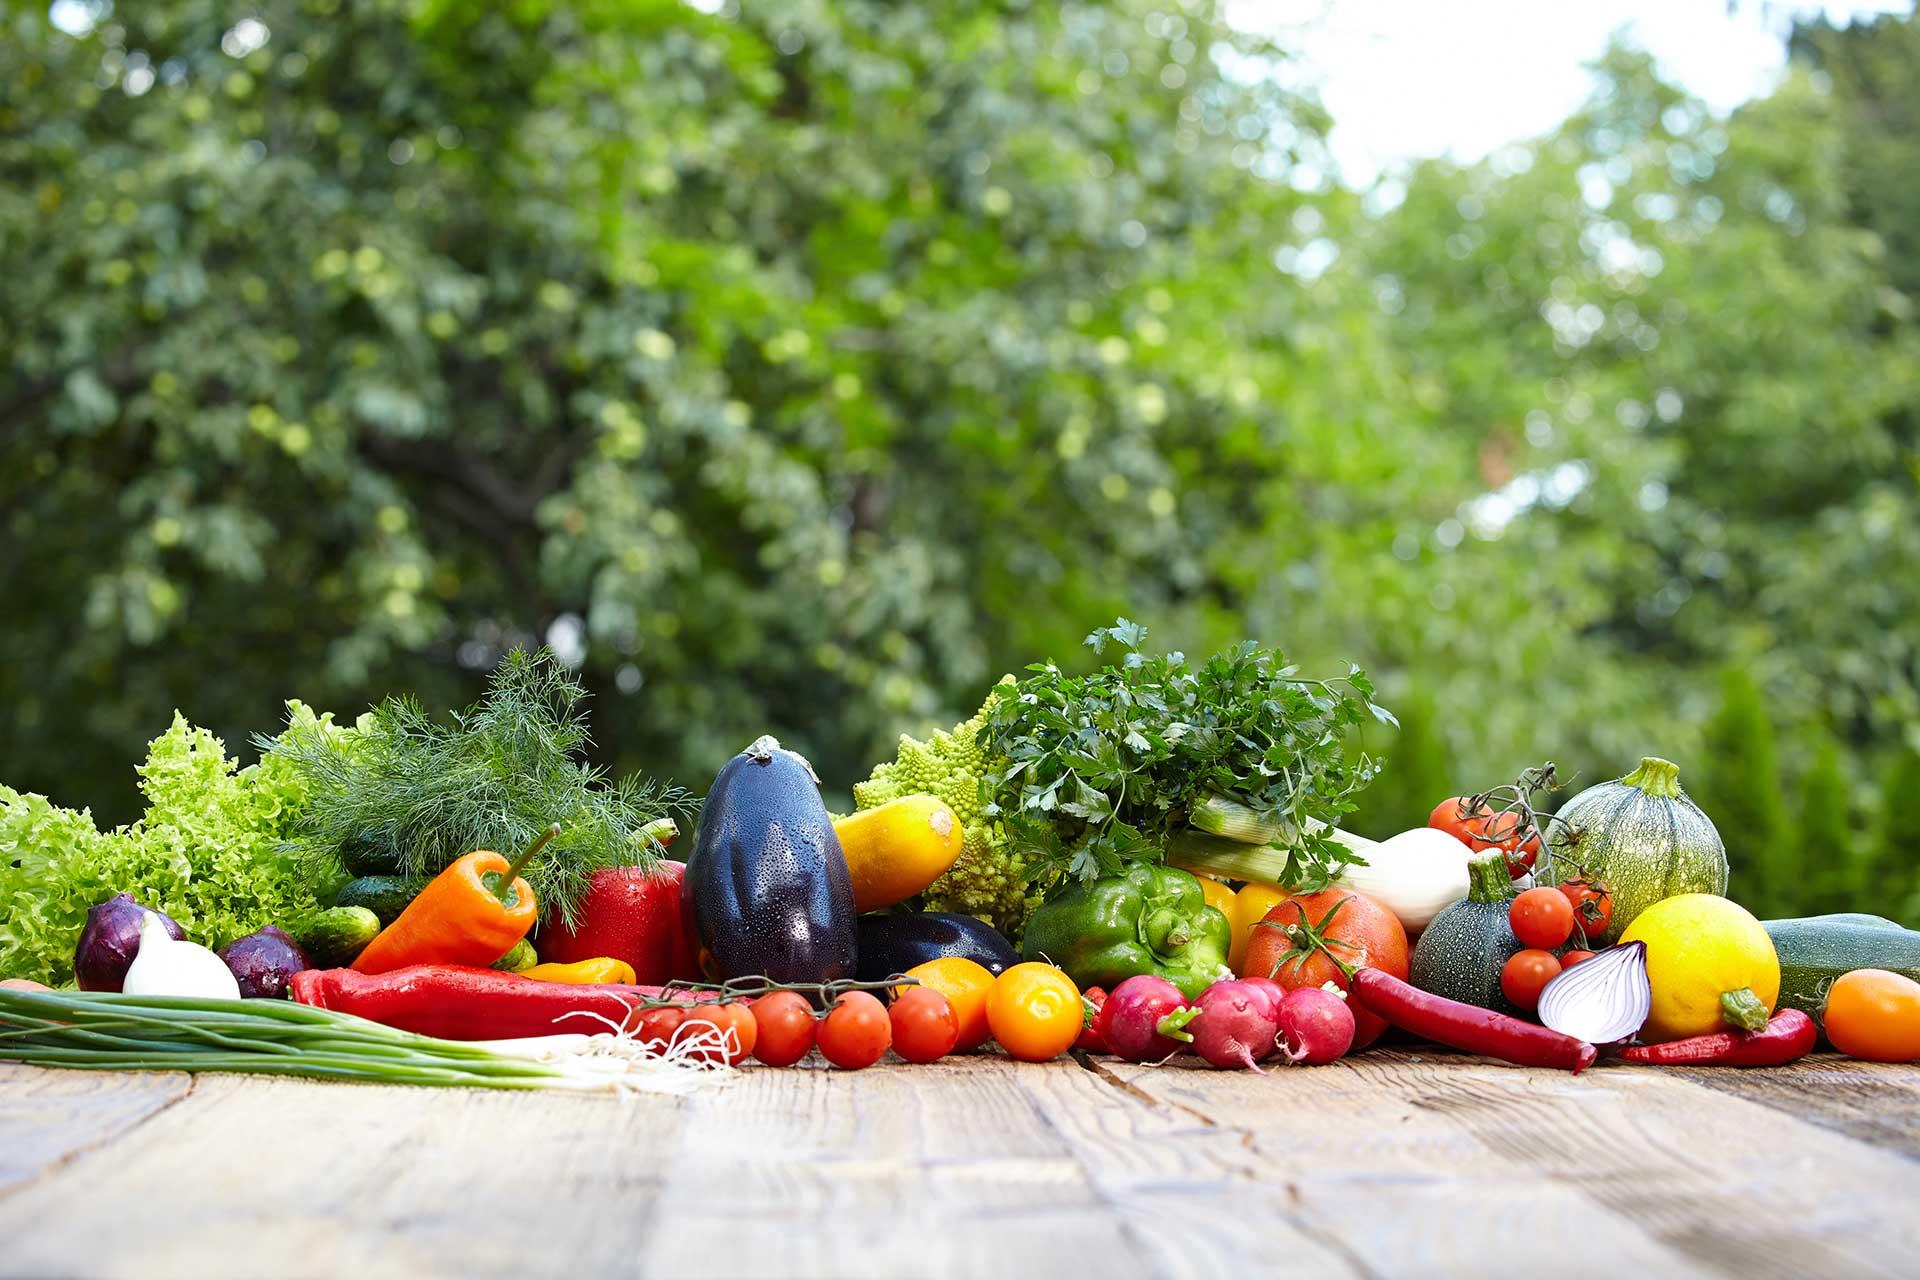 Cours de cuisine bio dijon et en bourgogne atelier vegan - Cours de cuisine dijon atelier des chefs ...